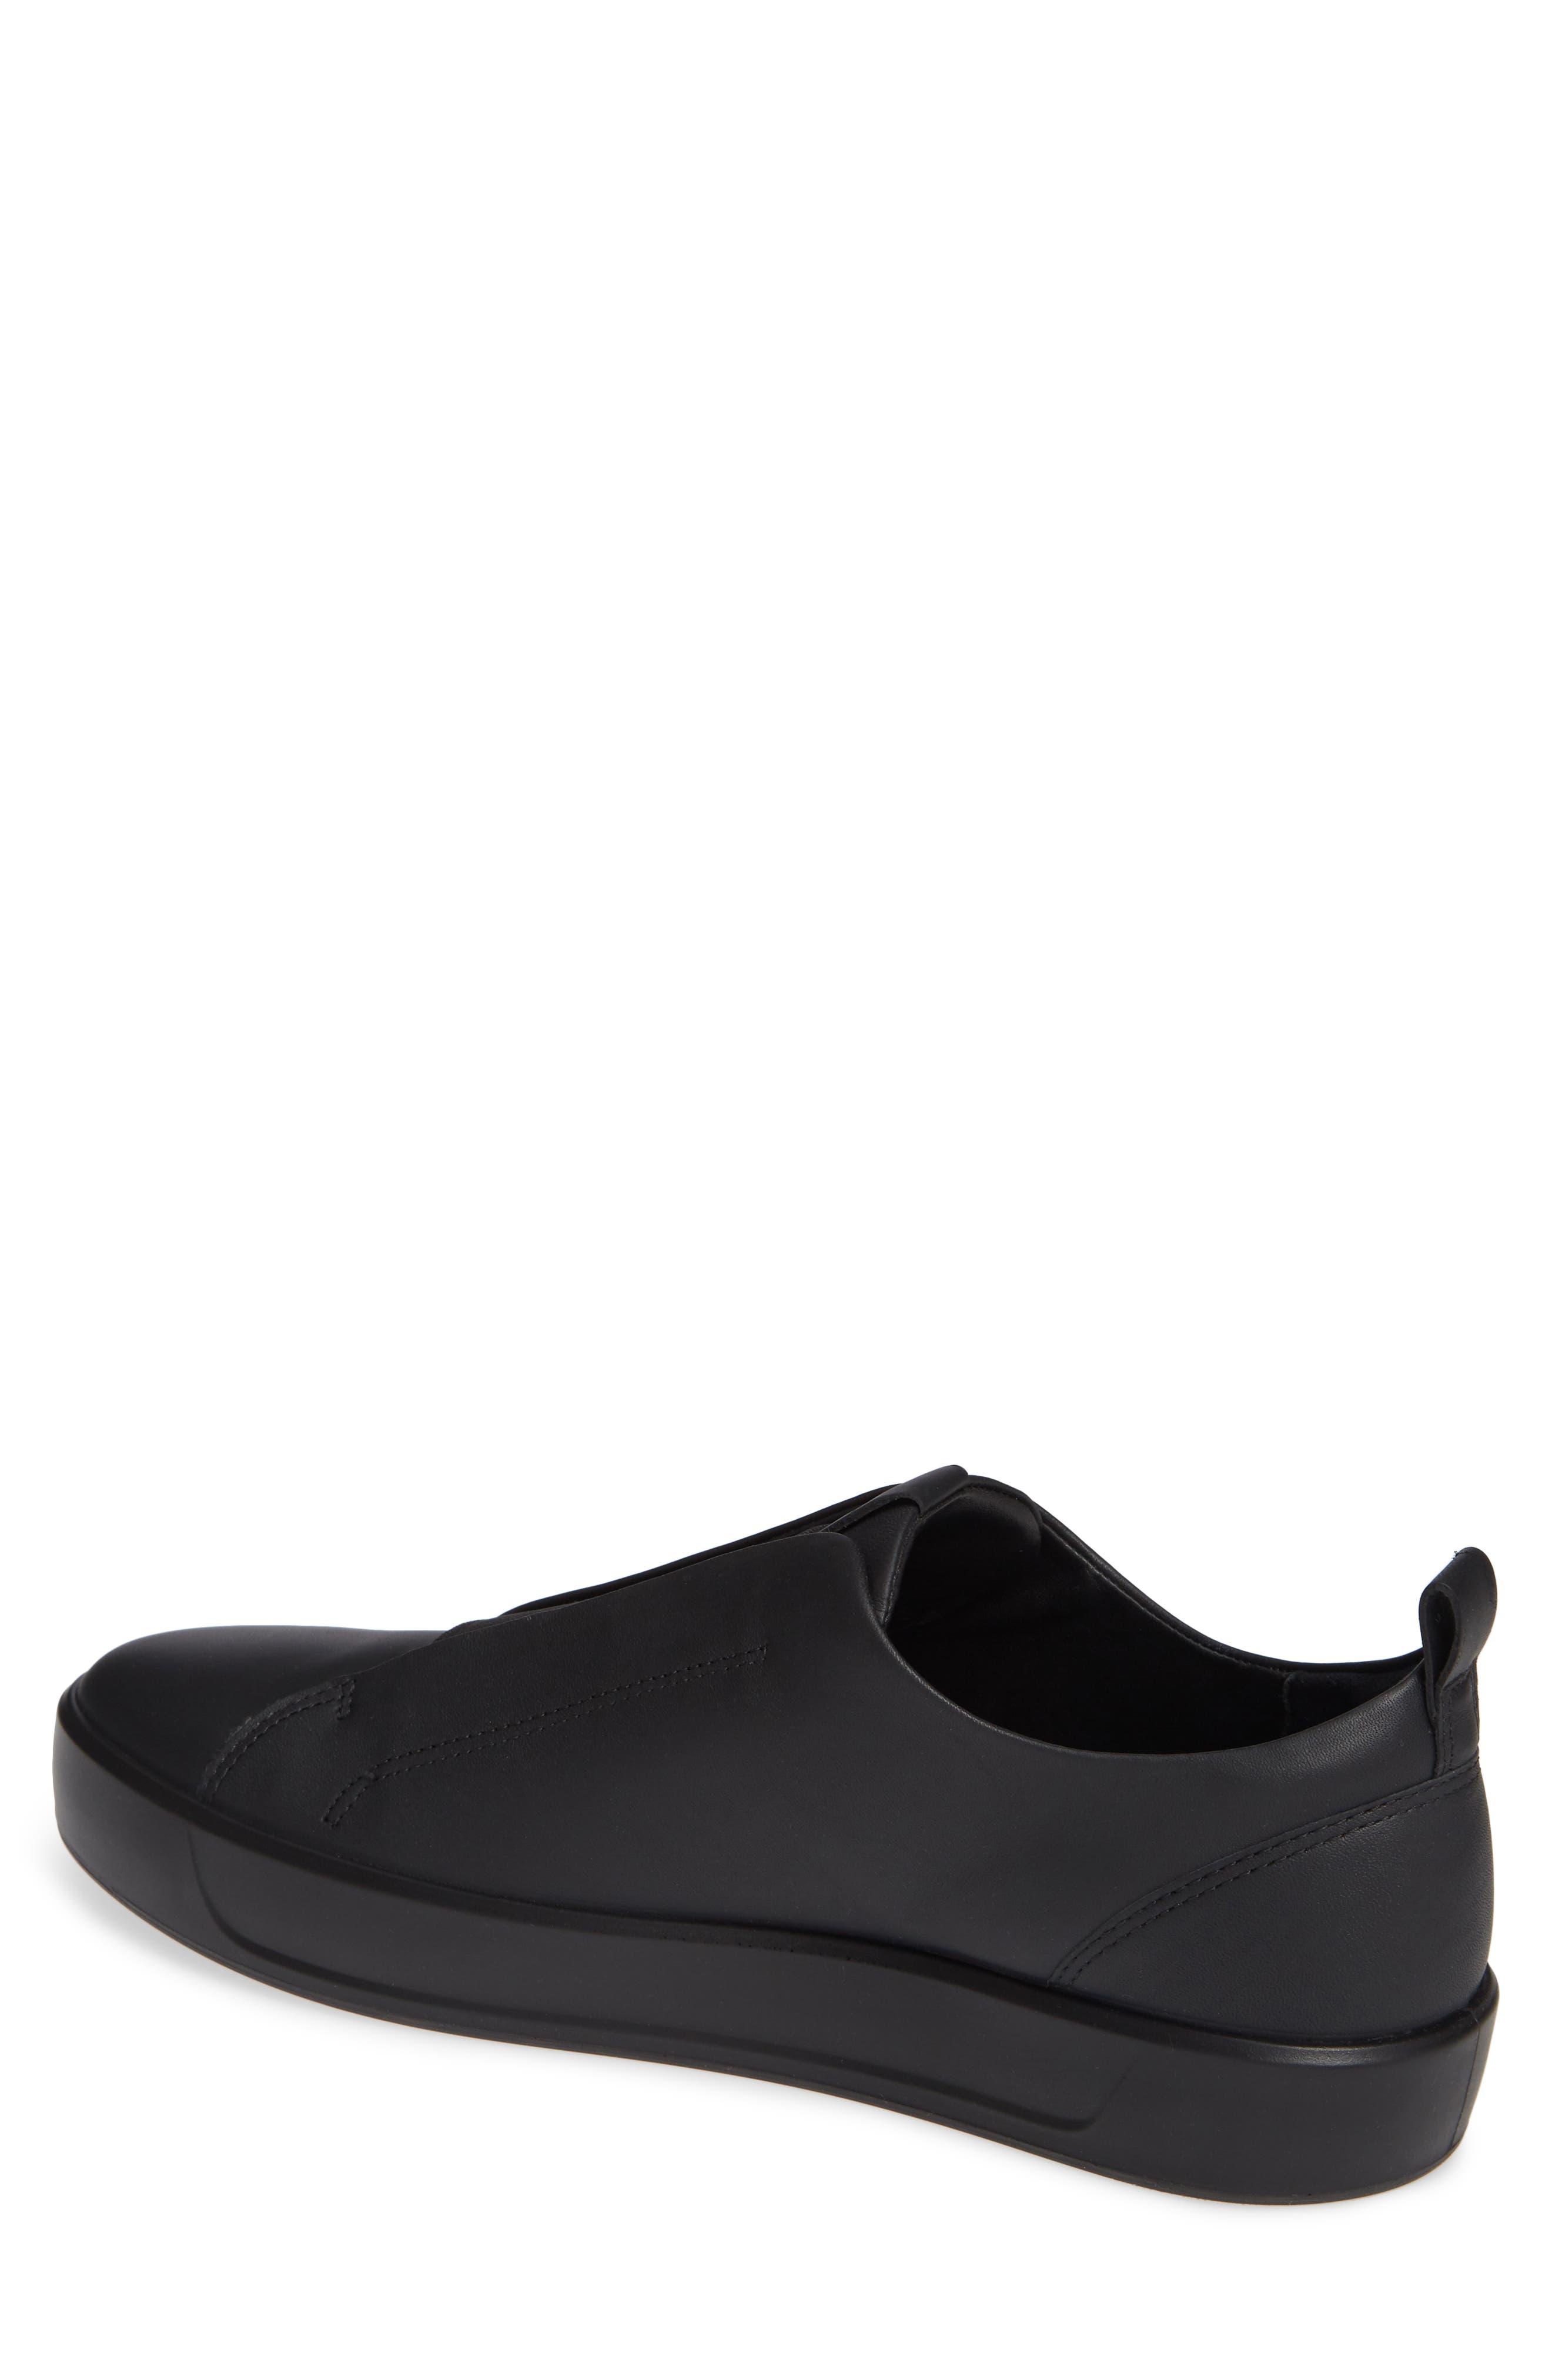 Soft 8 Slip-On Sneaker,                             Alternate thumbnail 2, color,                             BLACK/ BLACK LEATHER